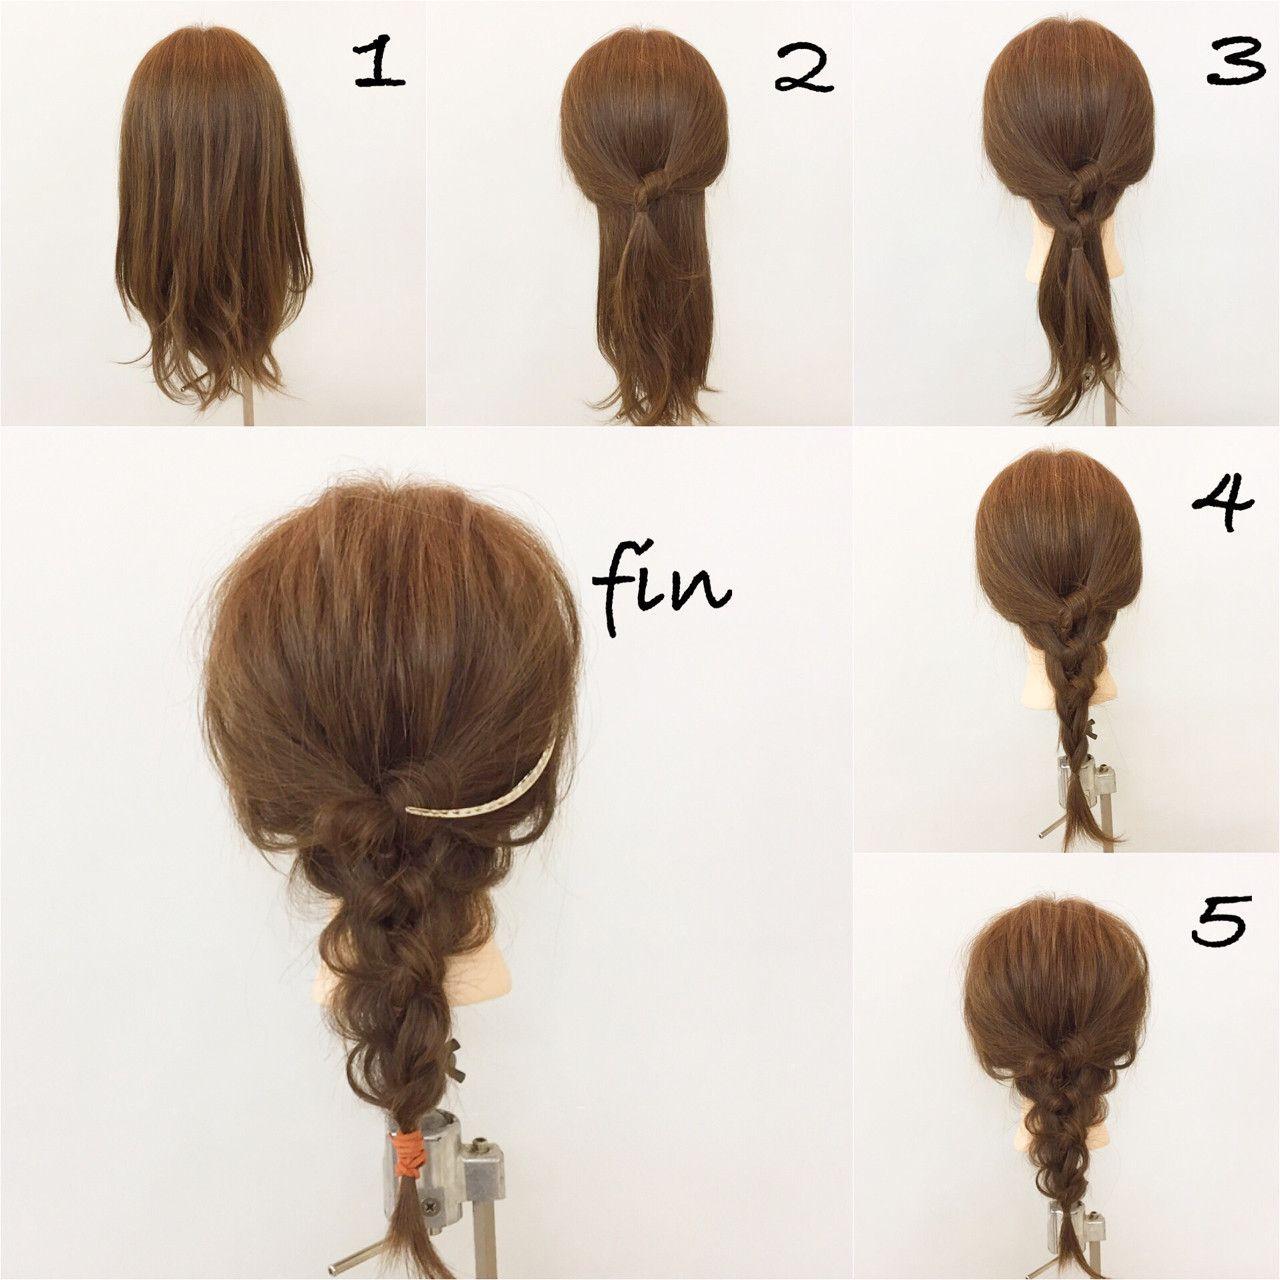 美容師イチ押しの可愛く大変身できるヘアアレンジ ボブ ロング編 ヘア アイディア ヘアアレンジ 簡単ヘア